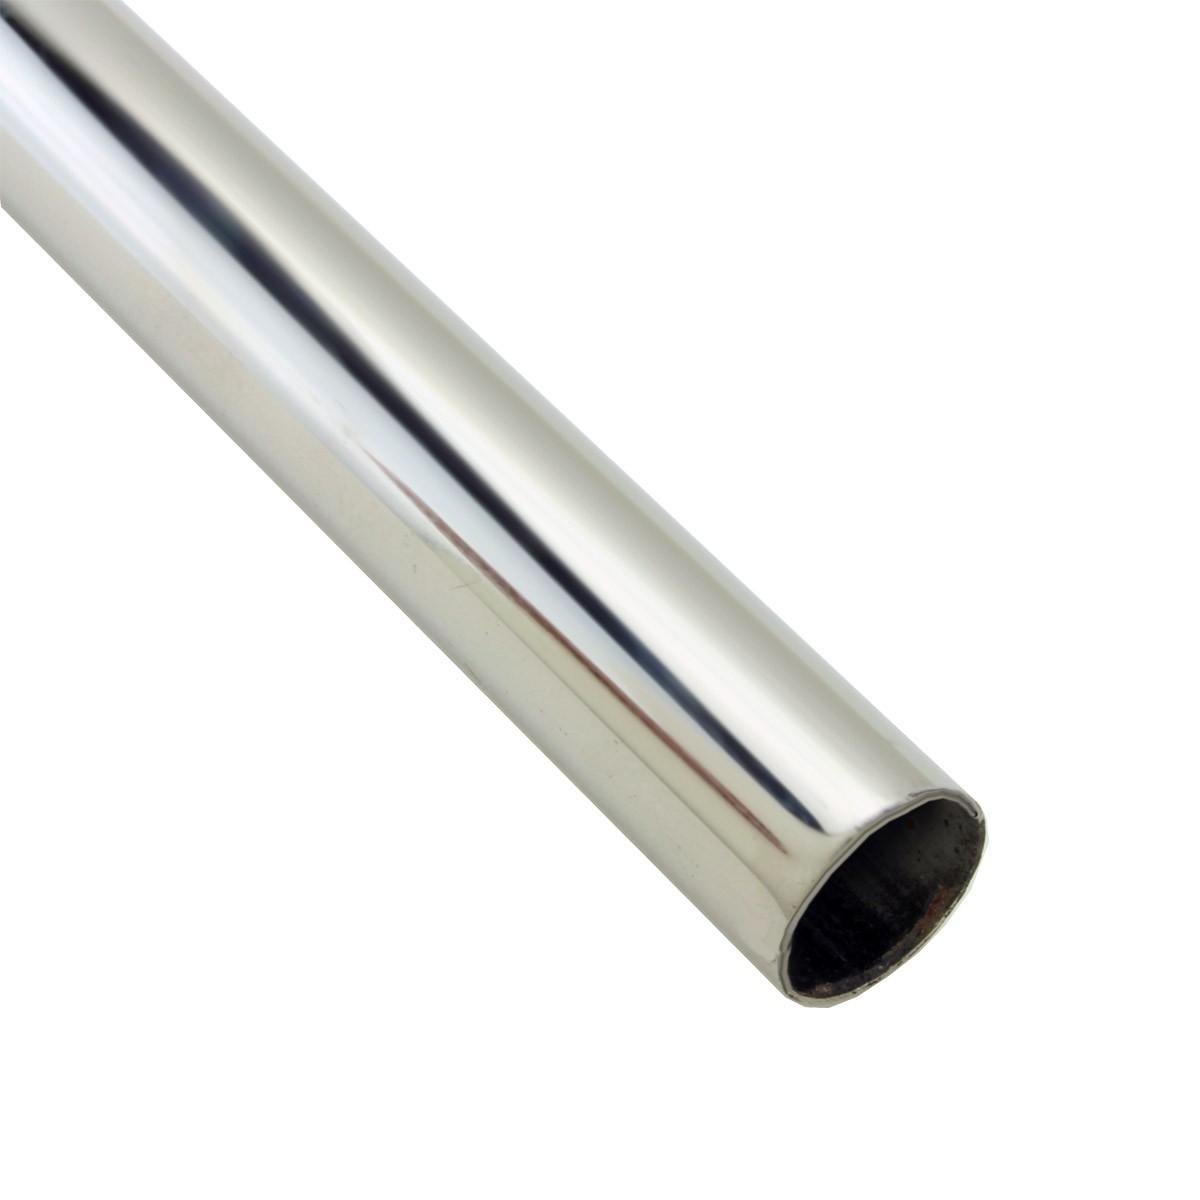 Polished Nickel Carpet Rod 39.5 inch Length, 0.5 inch Diameter Carpet Runner Rod Brass Runner Rod Stair Runner Rods